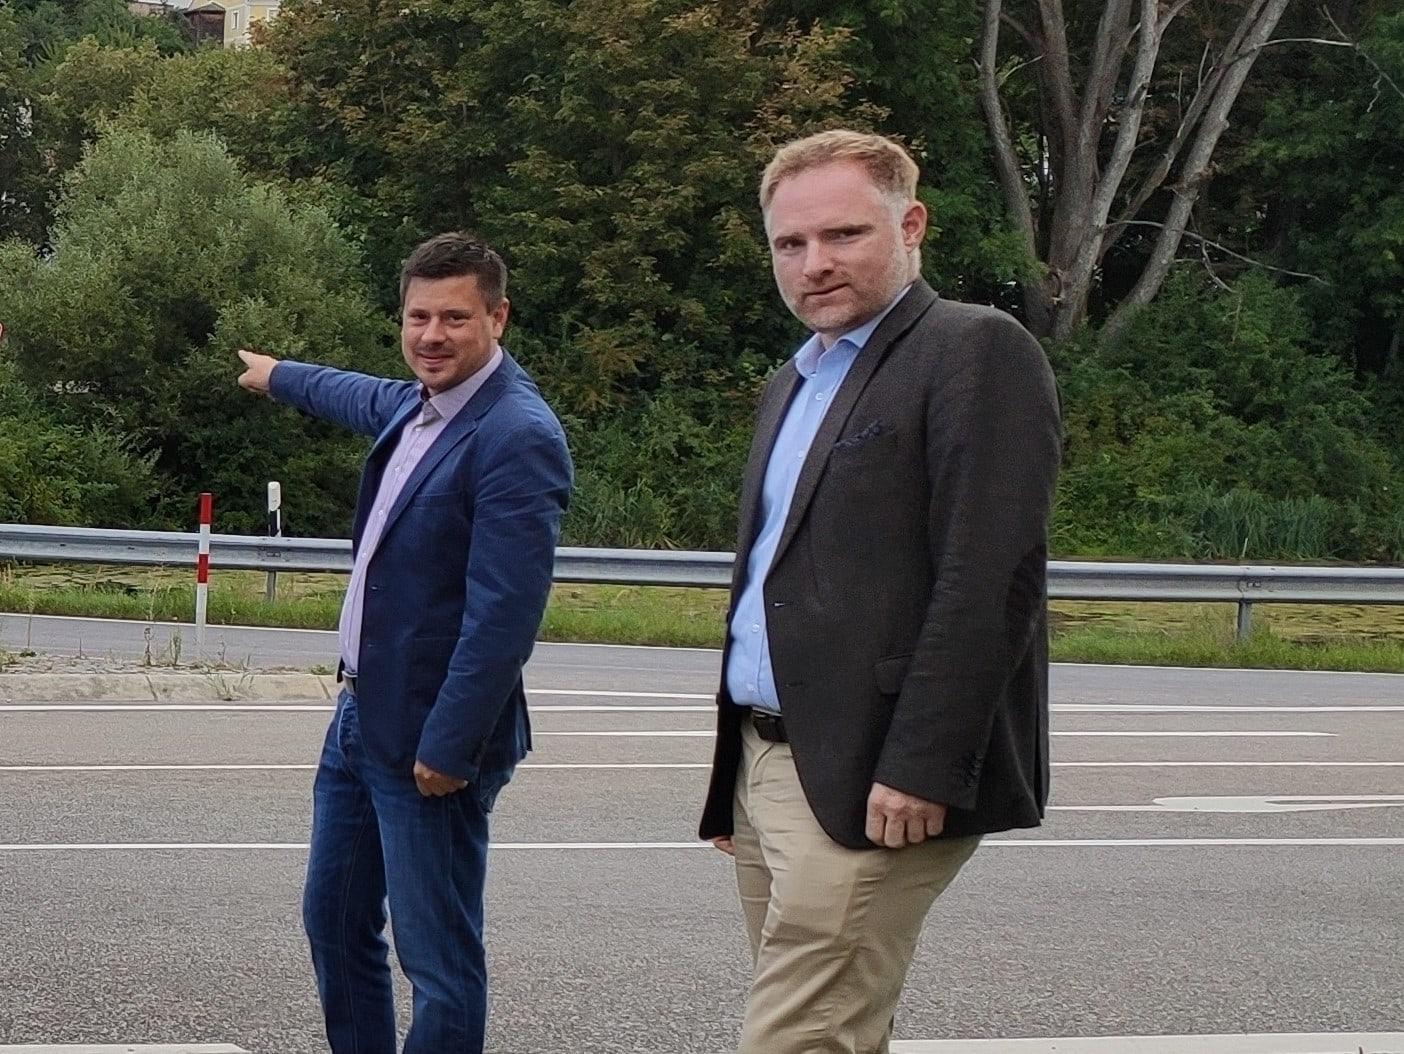 Bundesförderung macht Sporthallenanbau in Donaustauf erst möglich Der zweite Bürgermeister Herr Wolfgang Weigert setzt sich seit Jahren für die Baumaßnahme und die Förderung ein